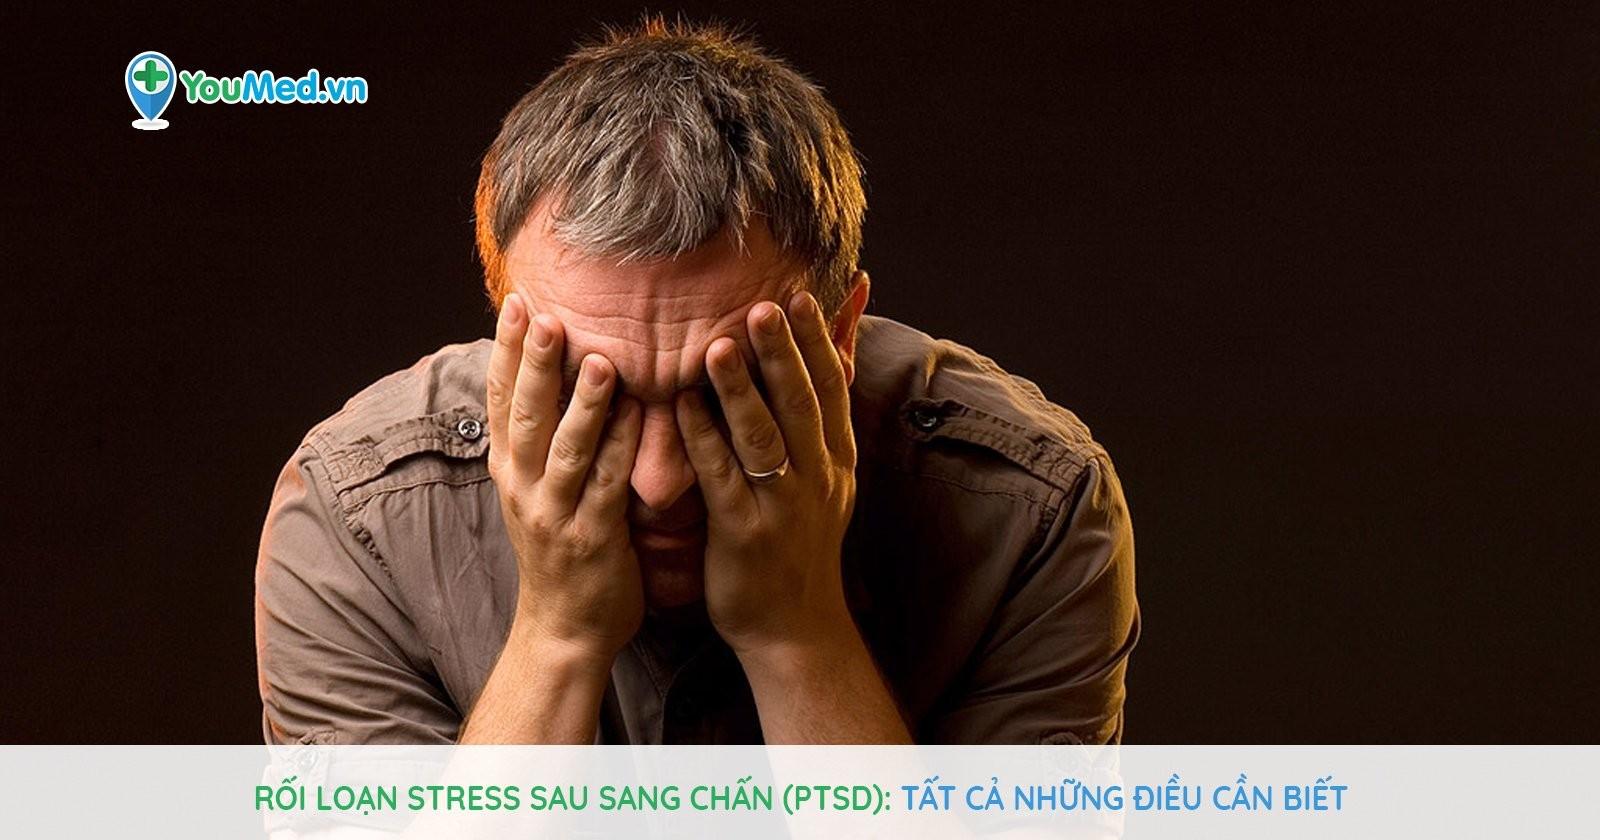 Rối loạn Stress sau sang chấn (PTSD): Tất cả những điều cần biết